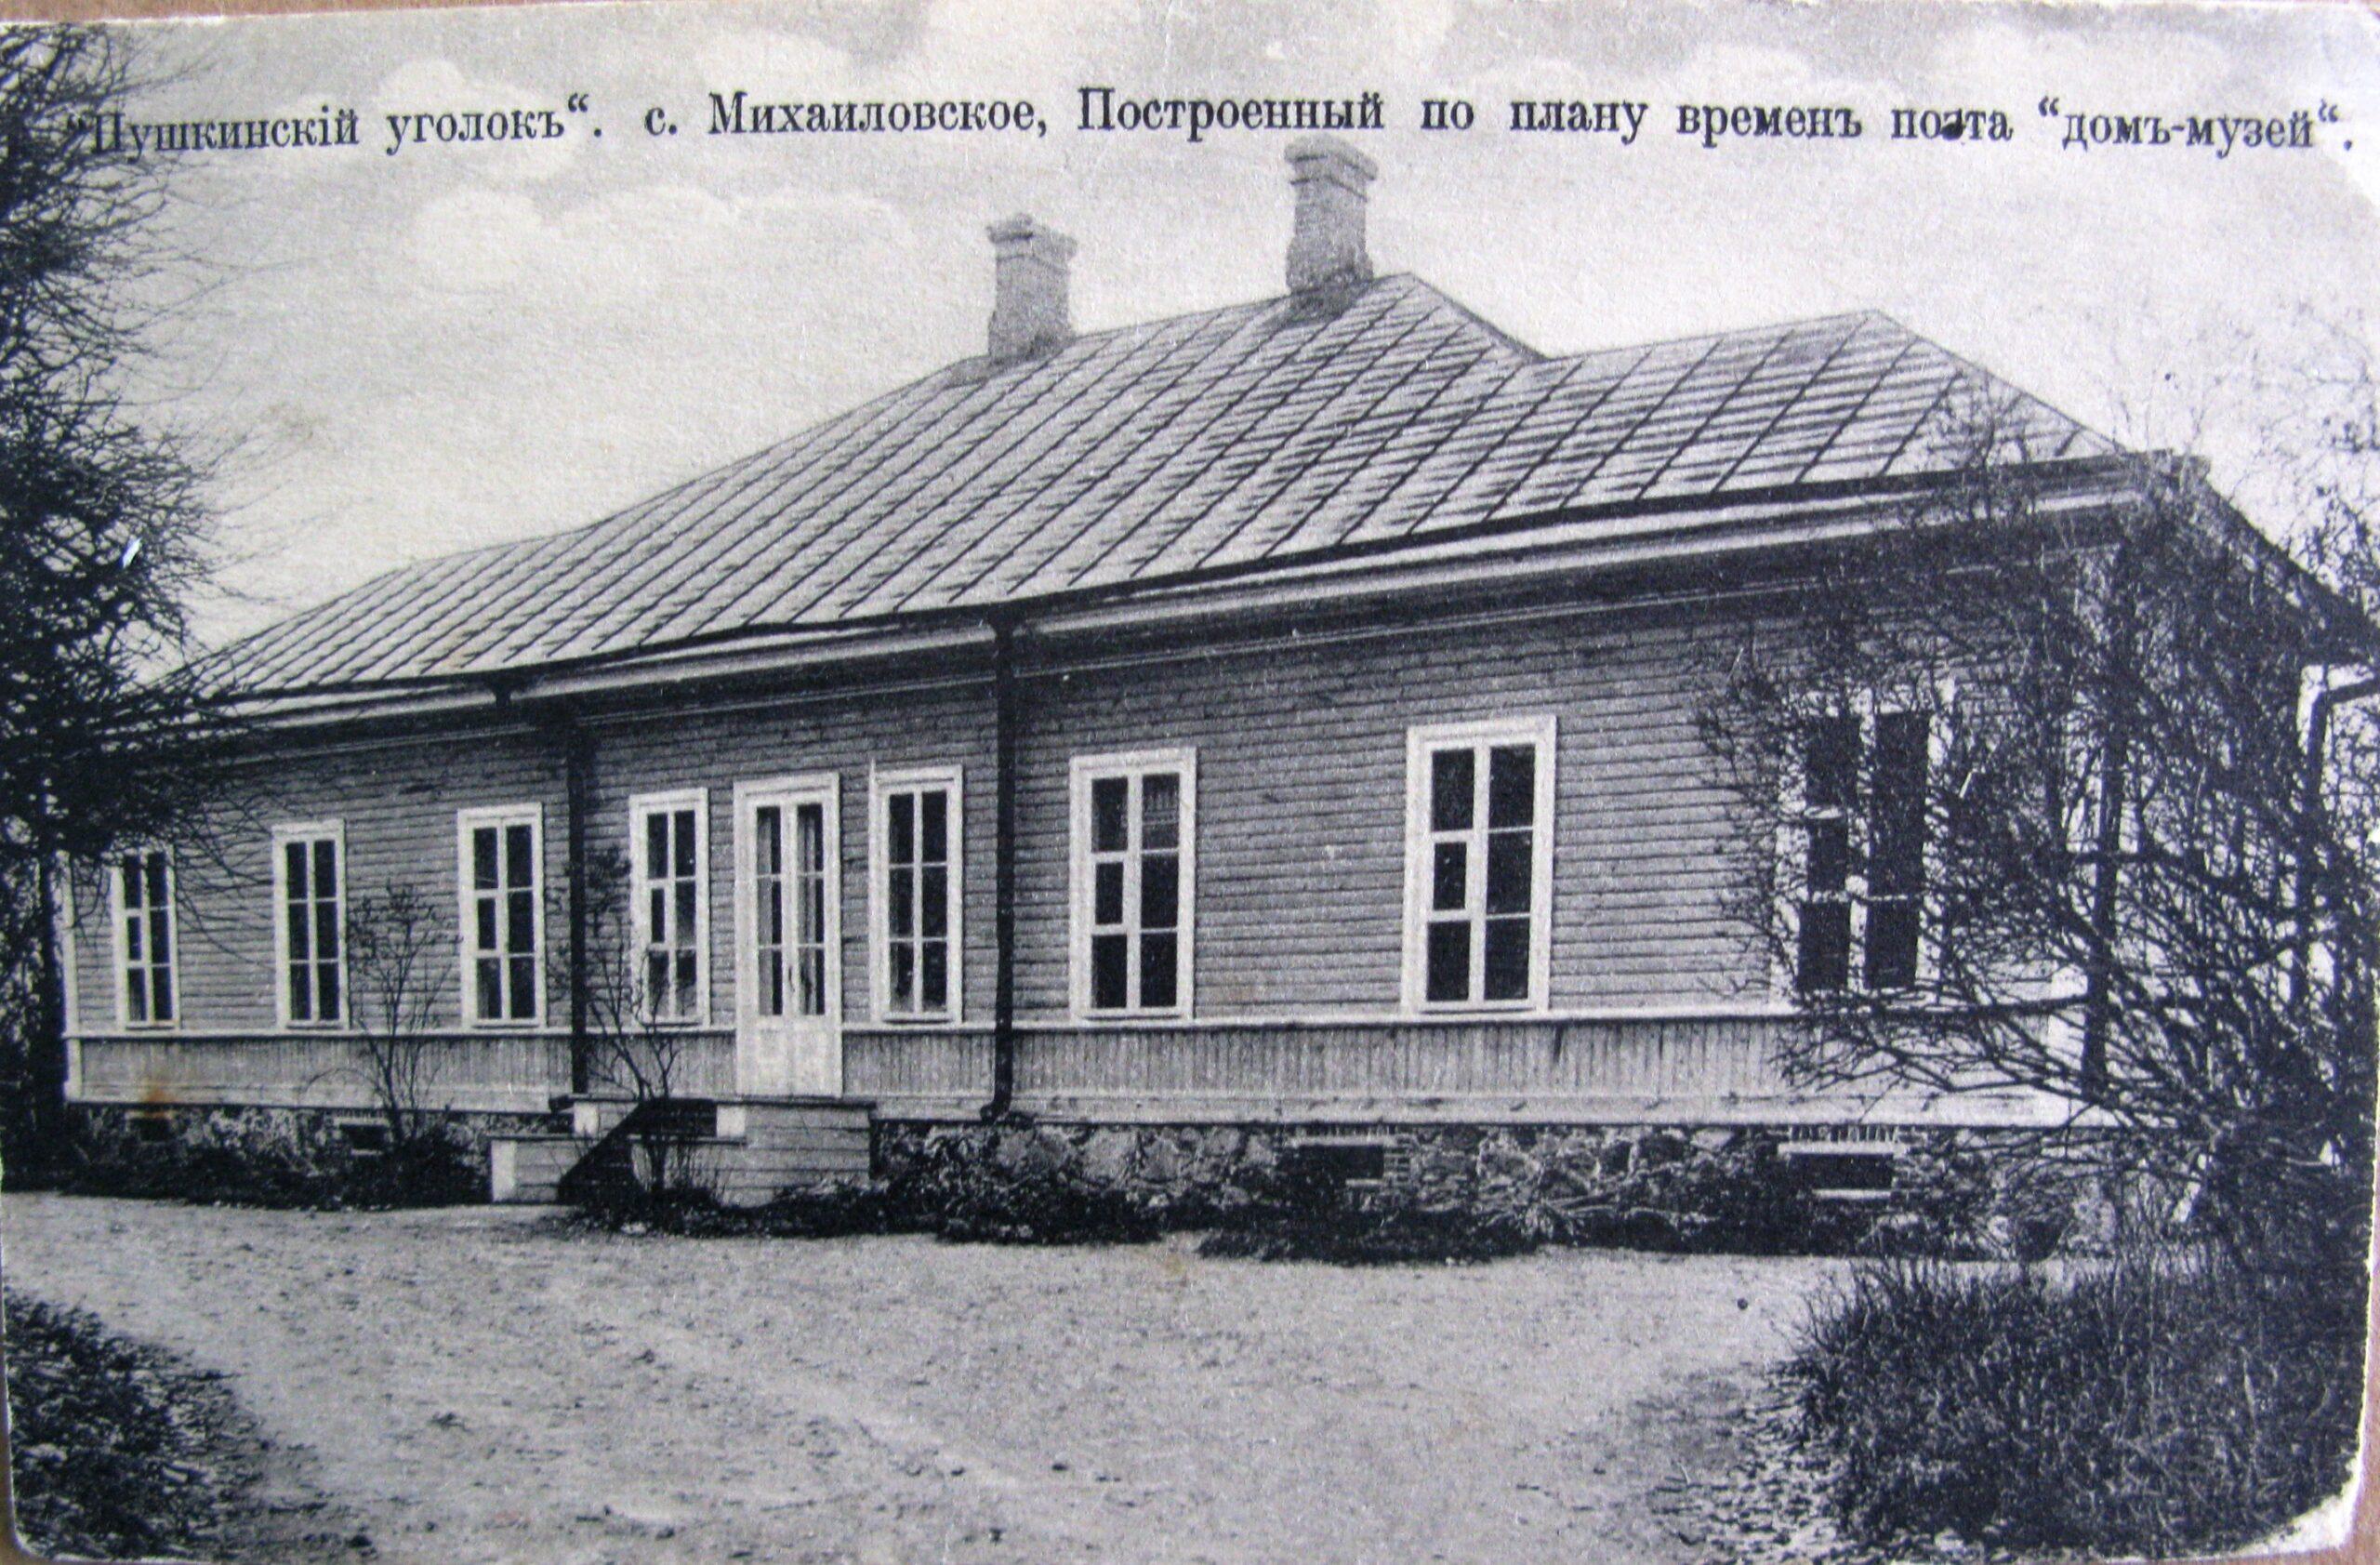 110 лет исполнилось Пушкинскому литературному музею в Михайловском